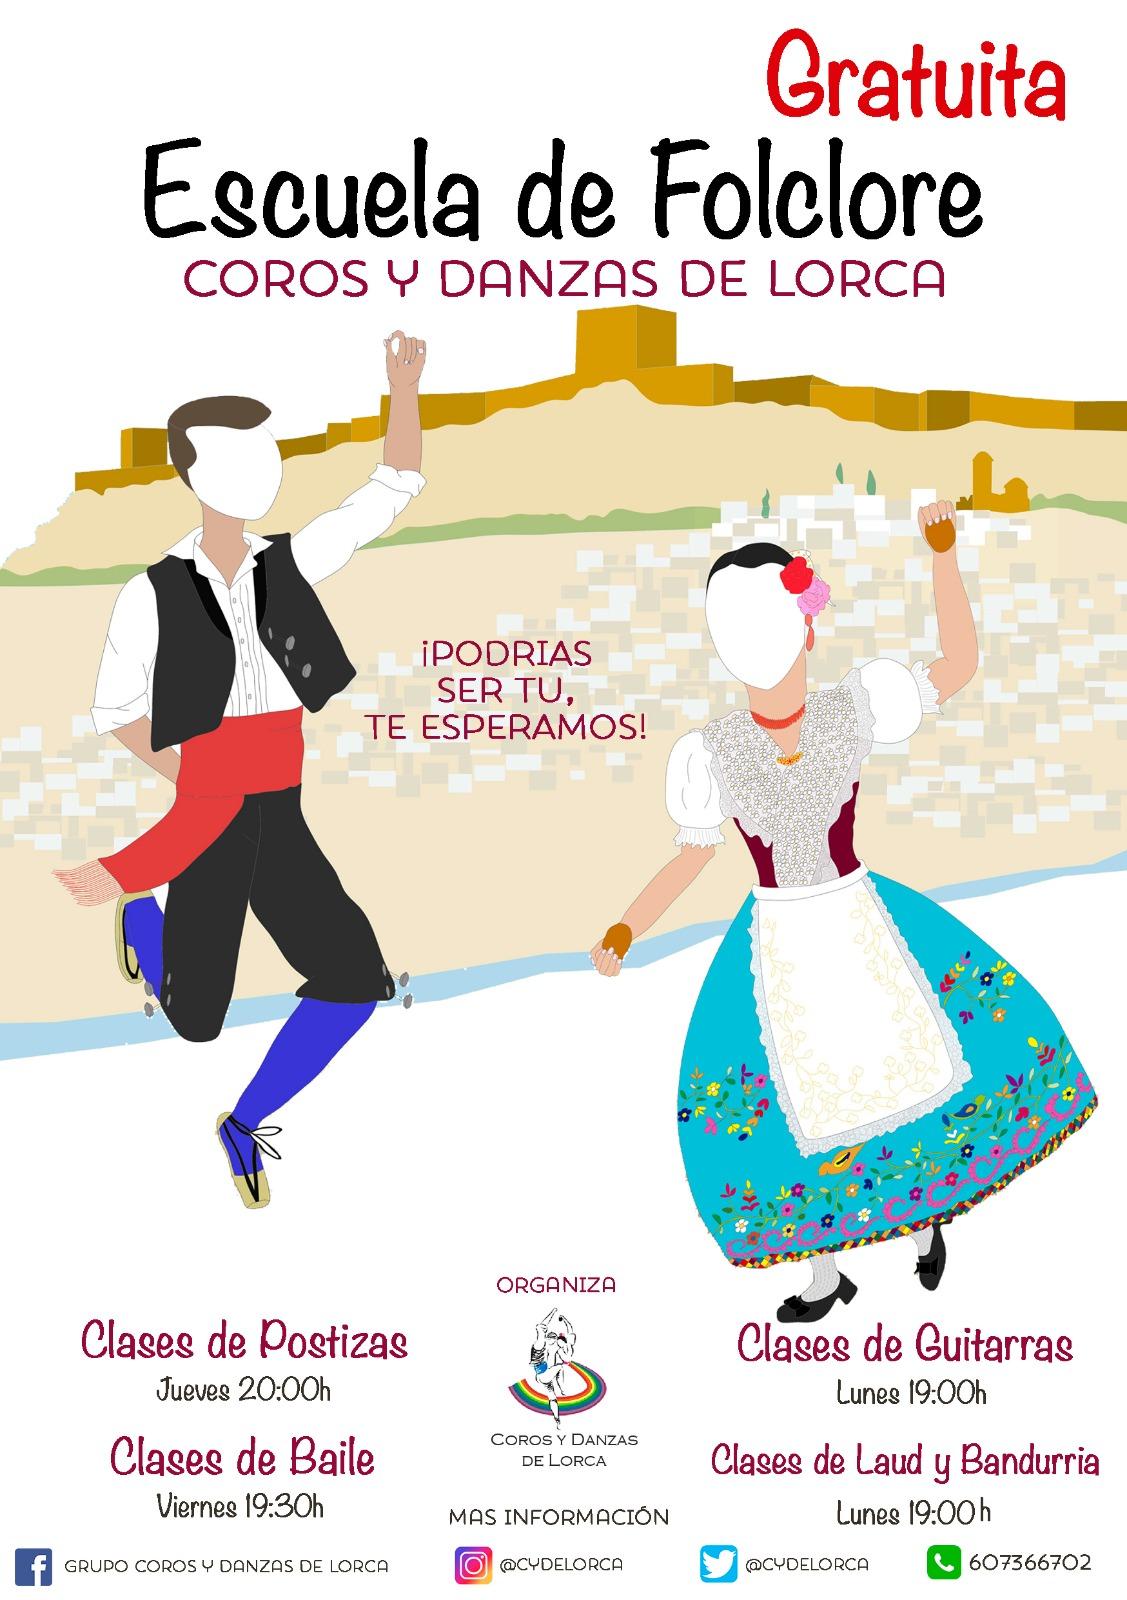 Coros y Danzas de Lorca vuelve a poner en marcha, un año más, su Escuela de Folklore